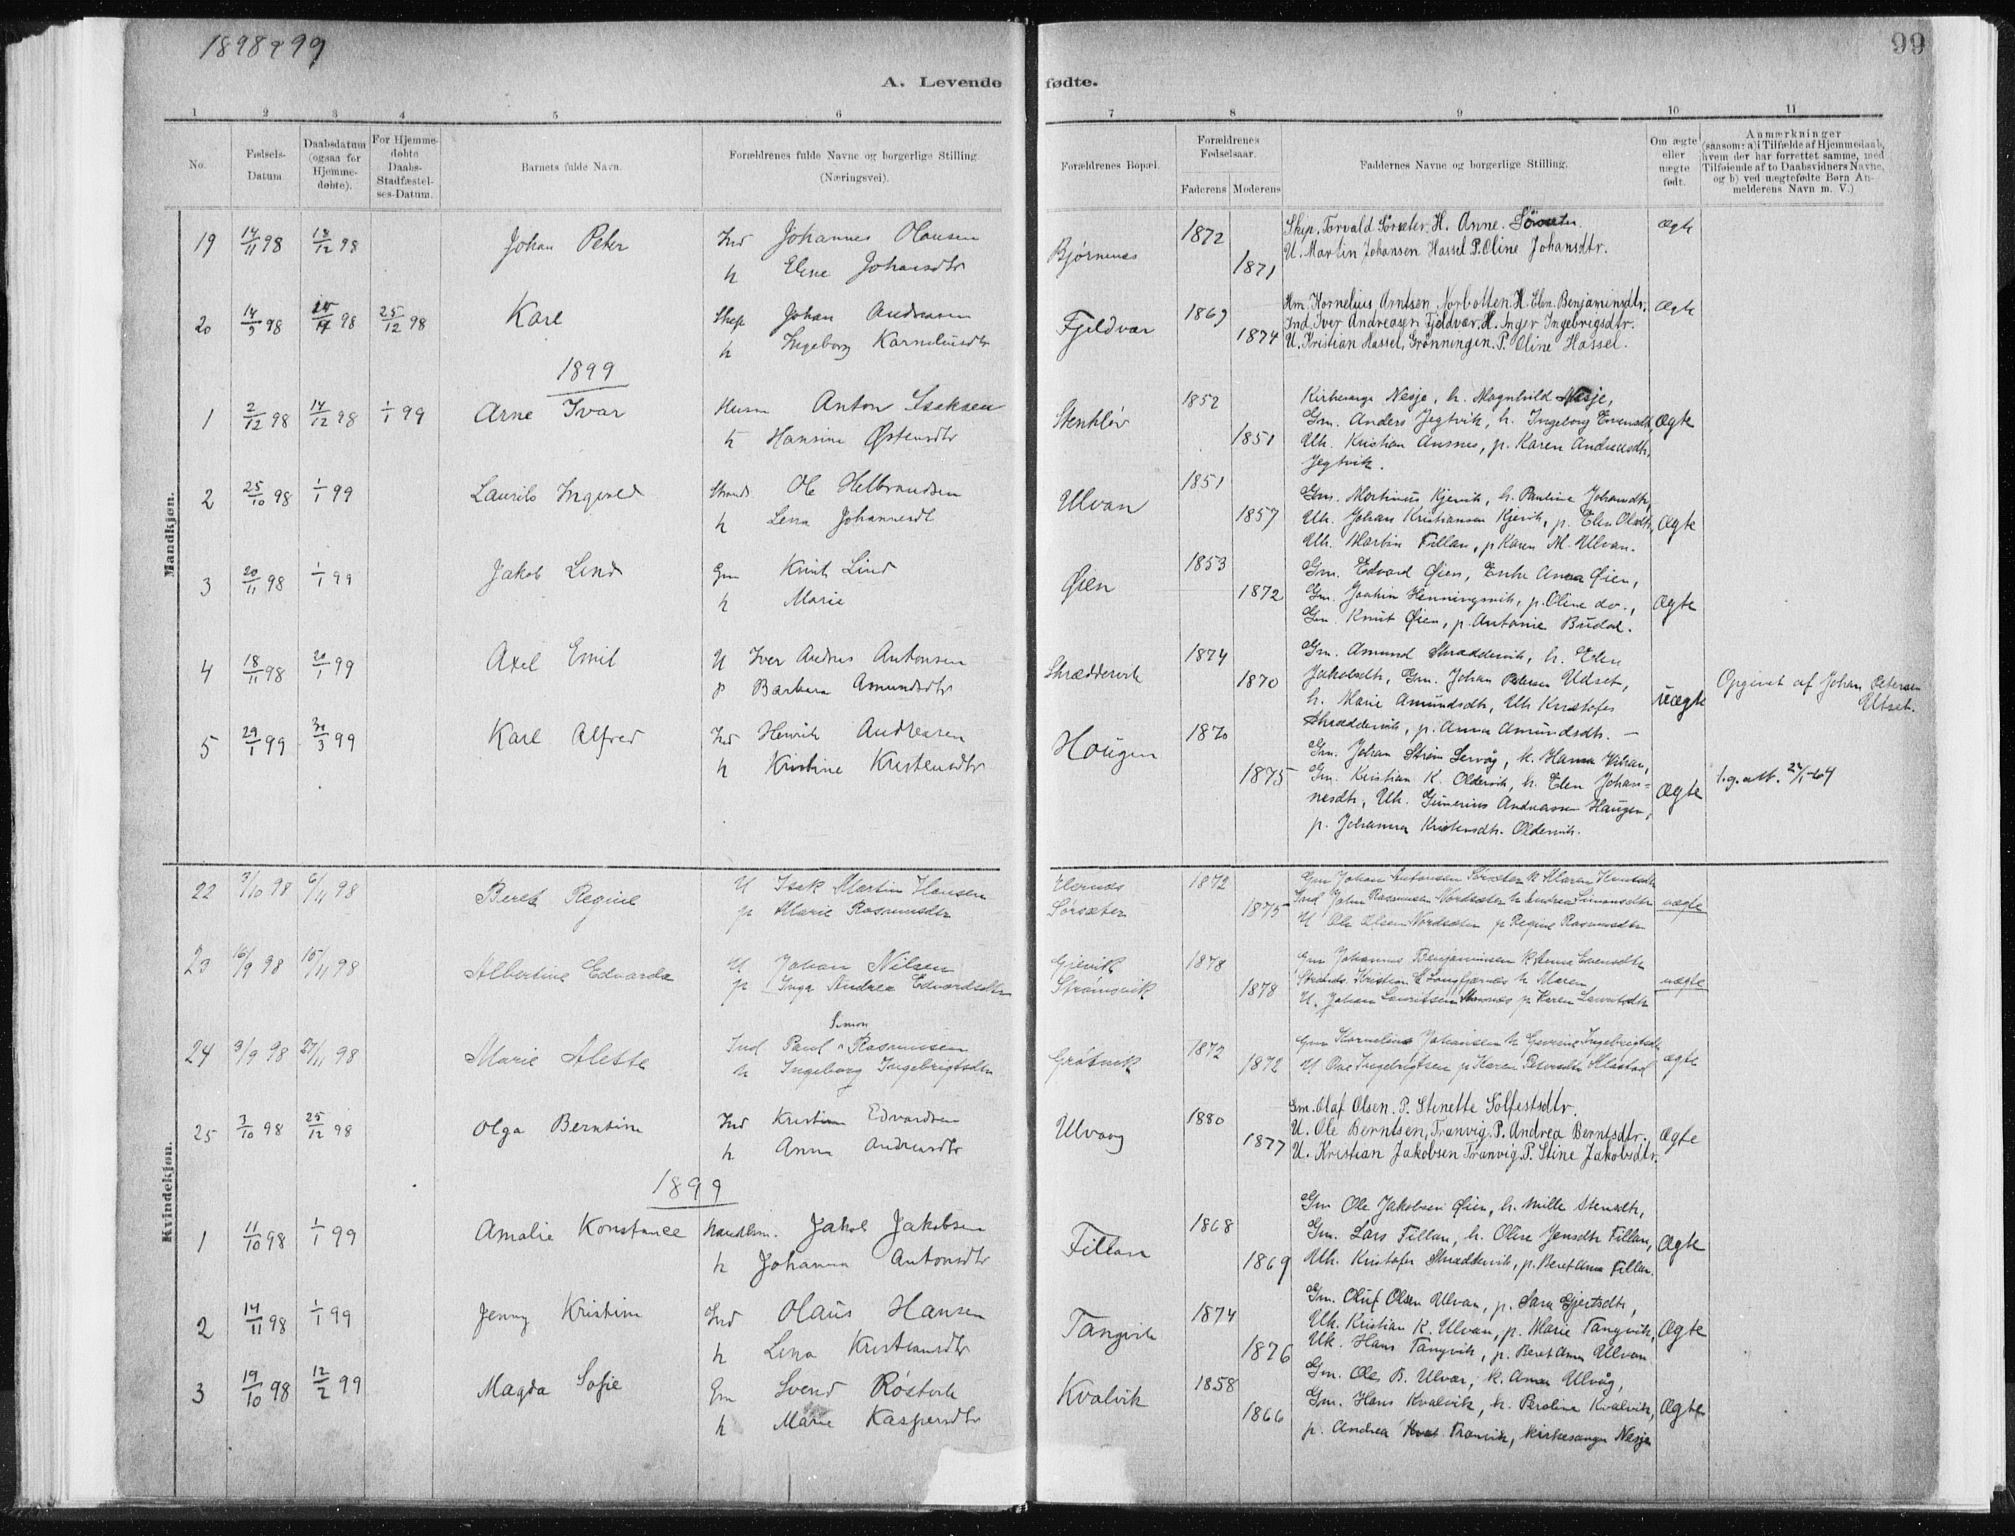 SAT, Ministerialprotokoller, klokkerbøker og fødselsregistre - Sør-Trøndelag, 637/L0558: Ministerialbok nr. 637A01, 1882-1899, s. 99